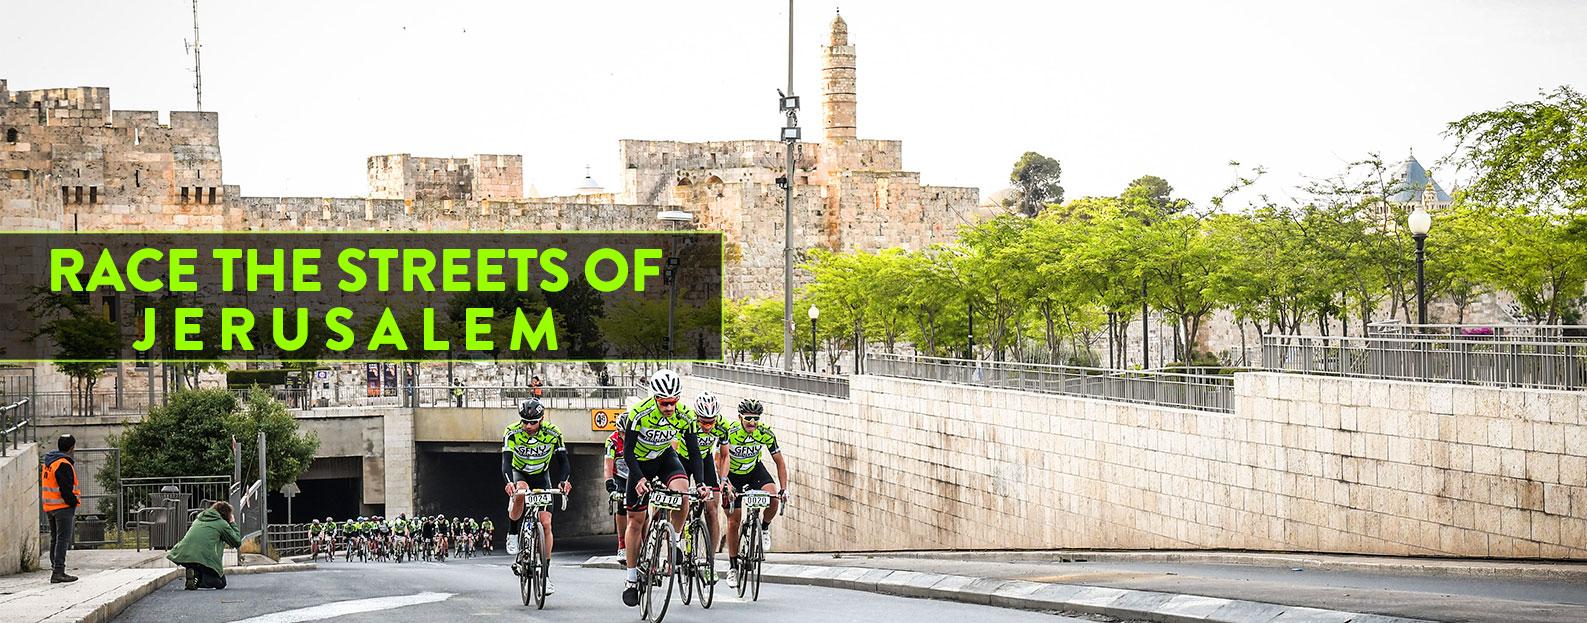 GFNY Jerusalem 2019